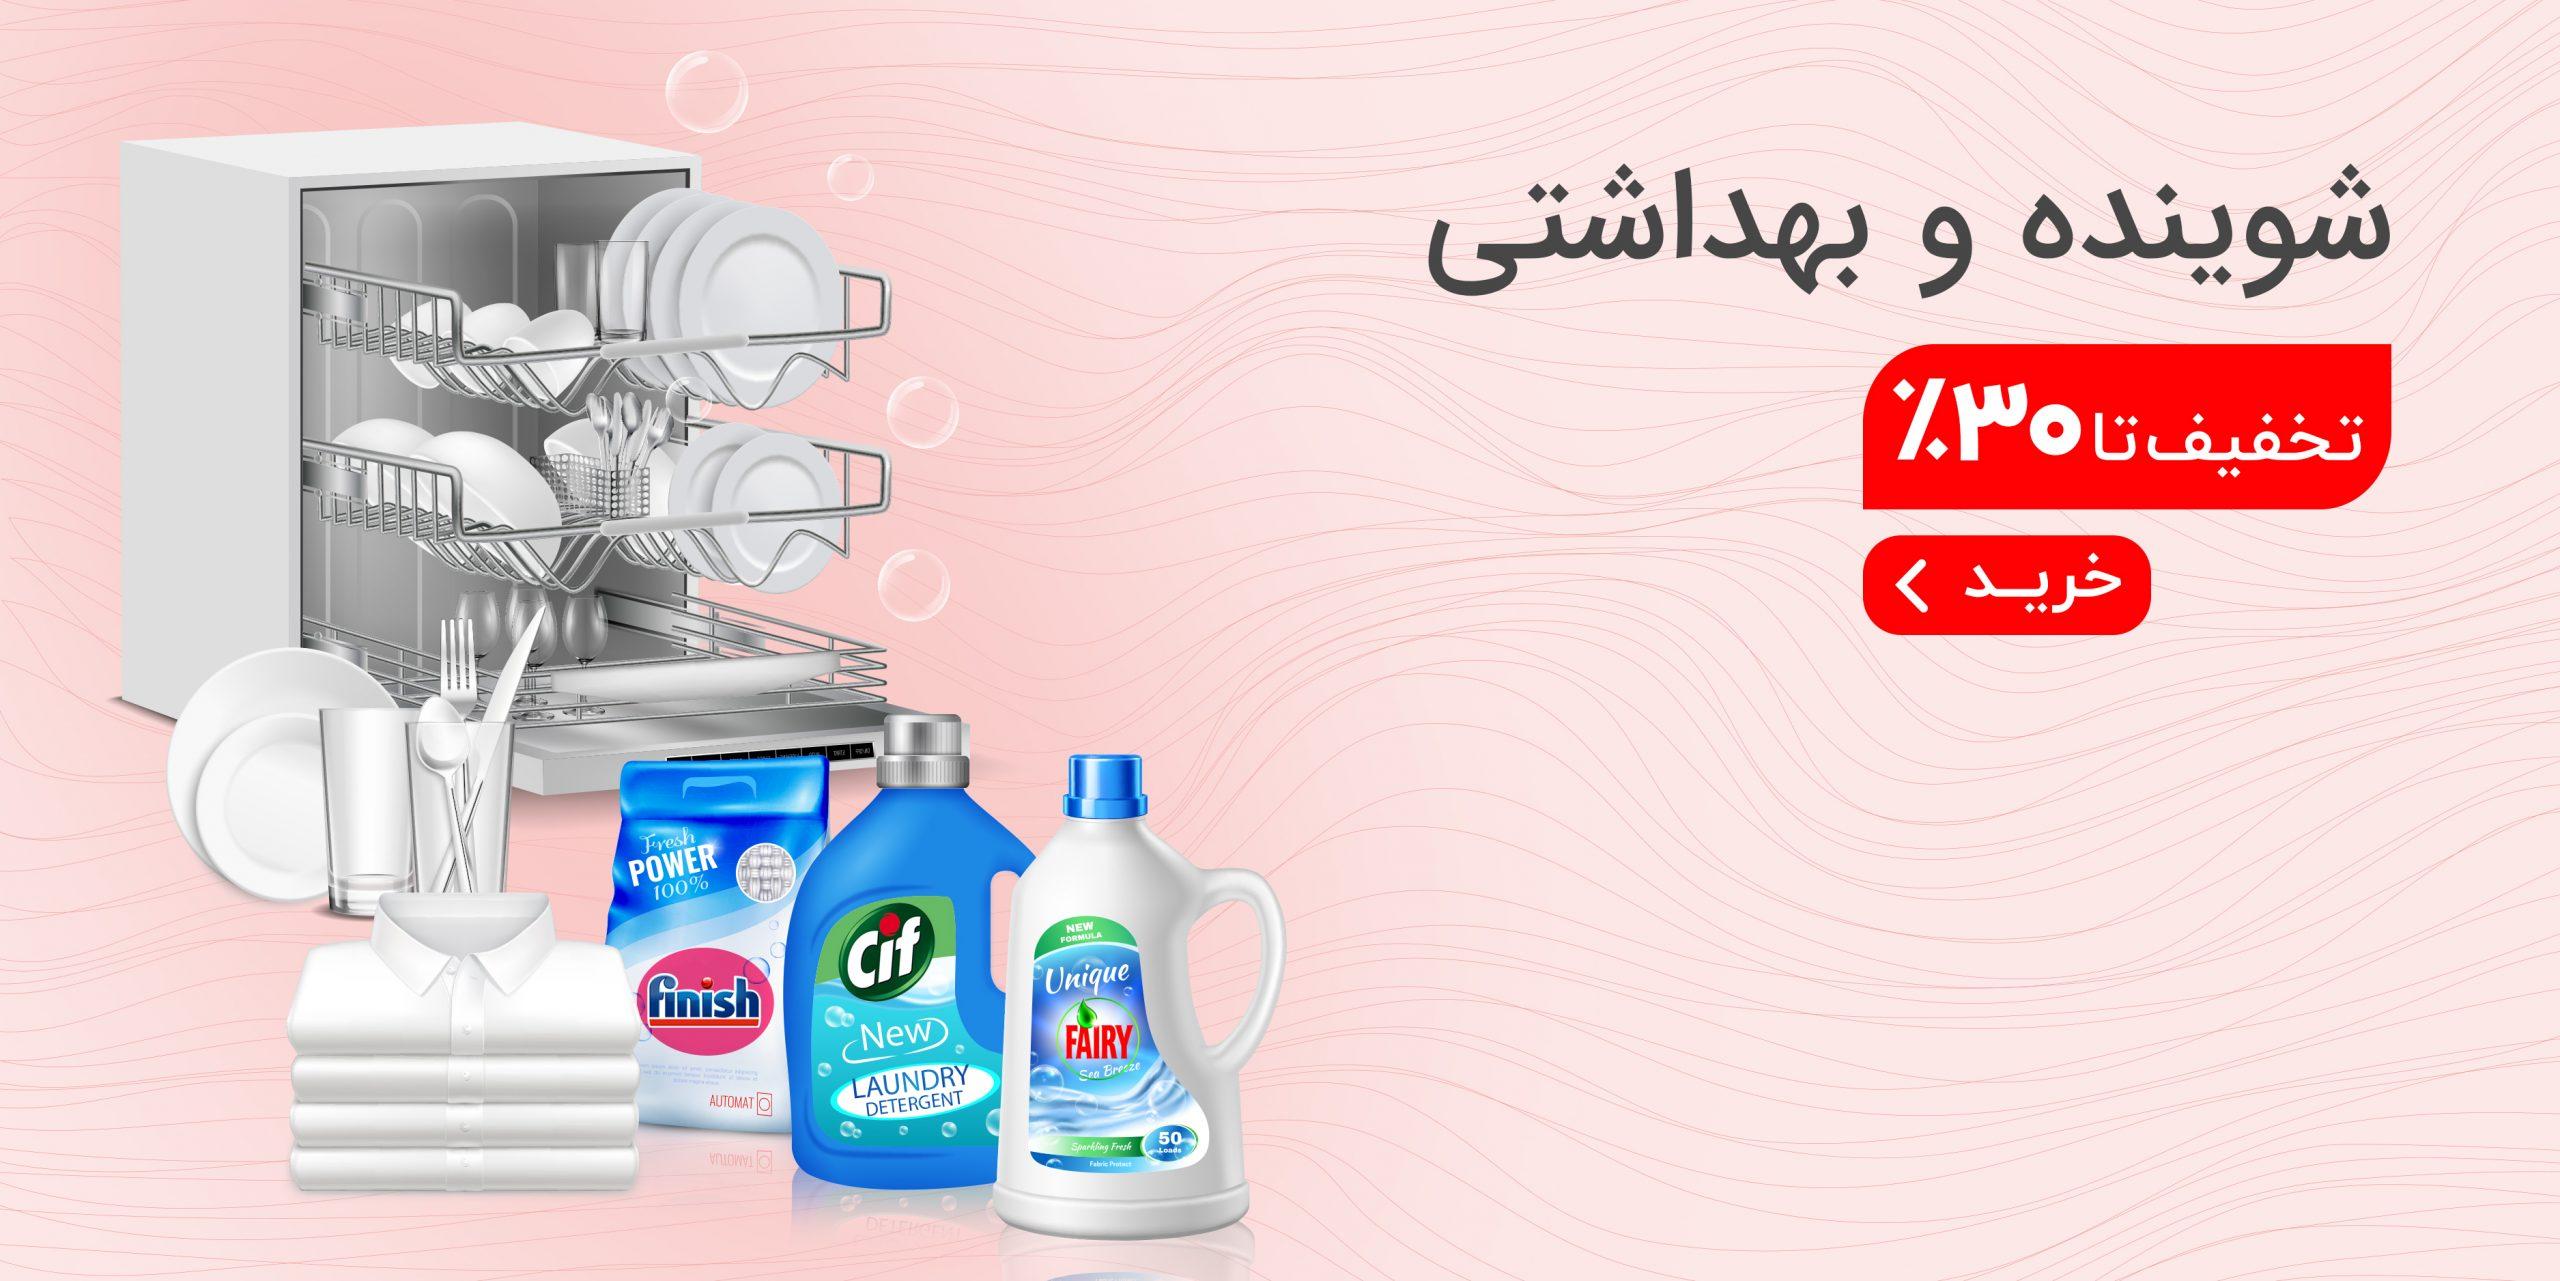 محصولات شوینده و بهداشتی فروشگاه ایرانیان دیجیتال